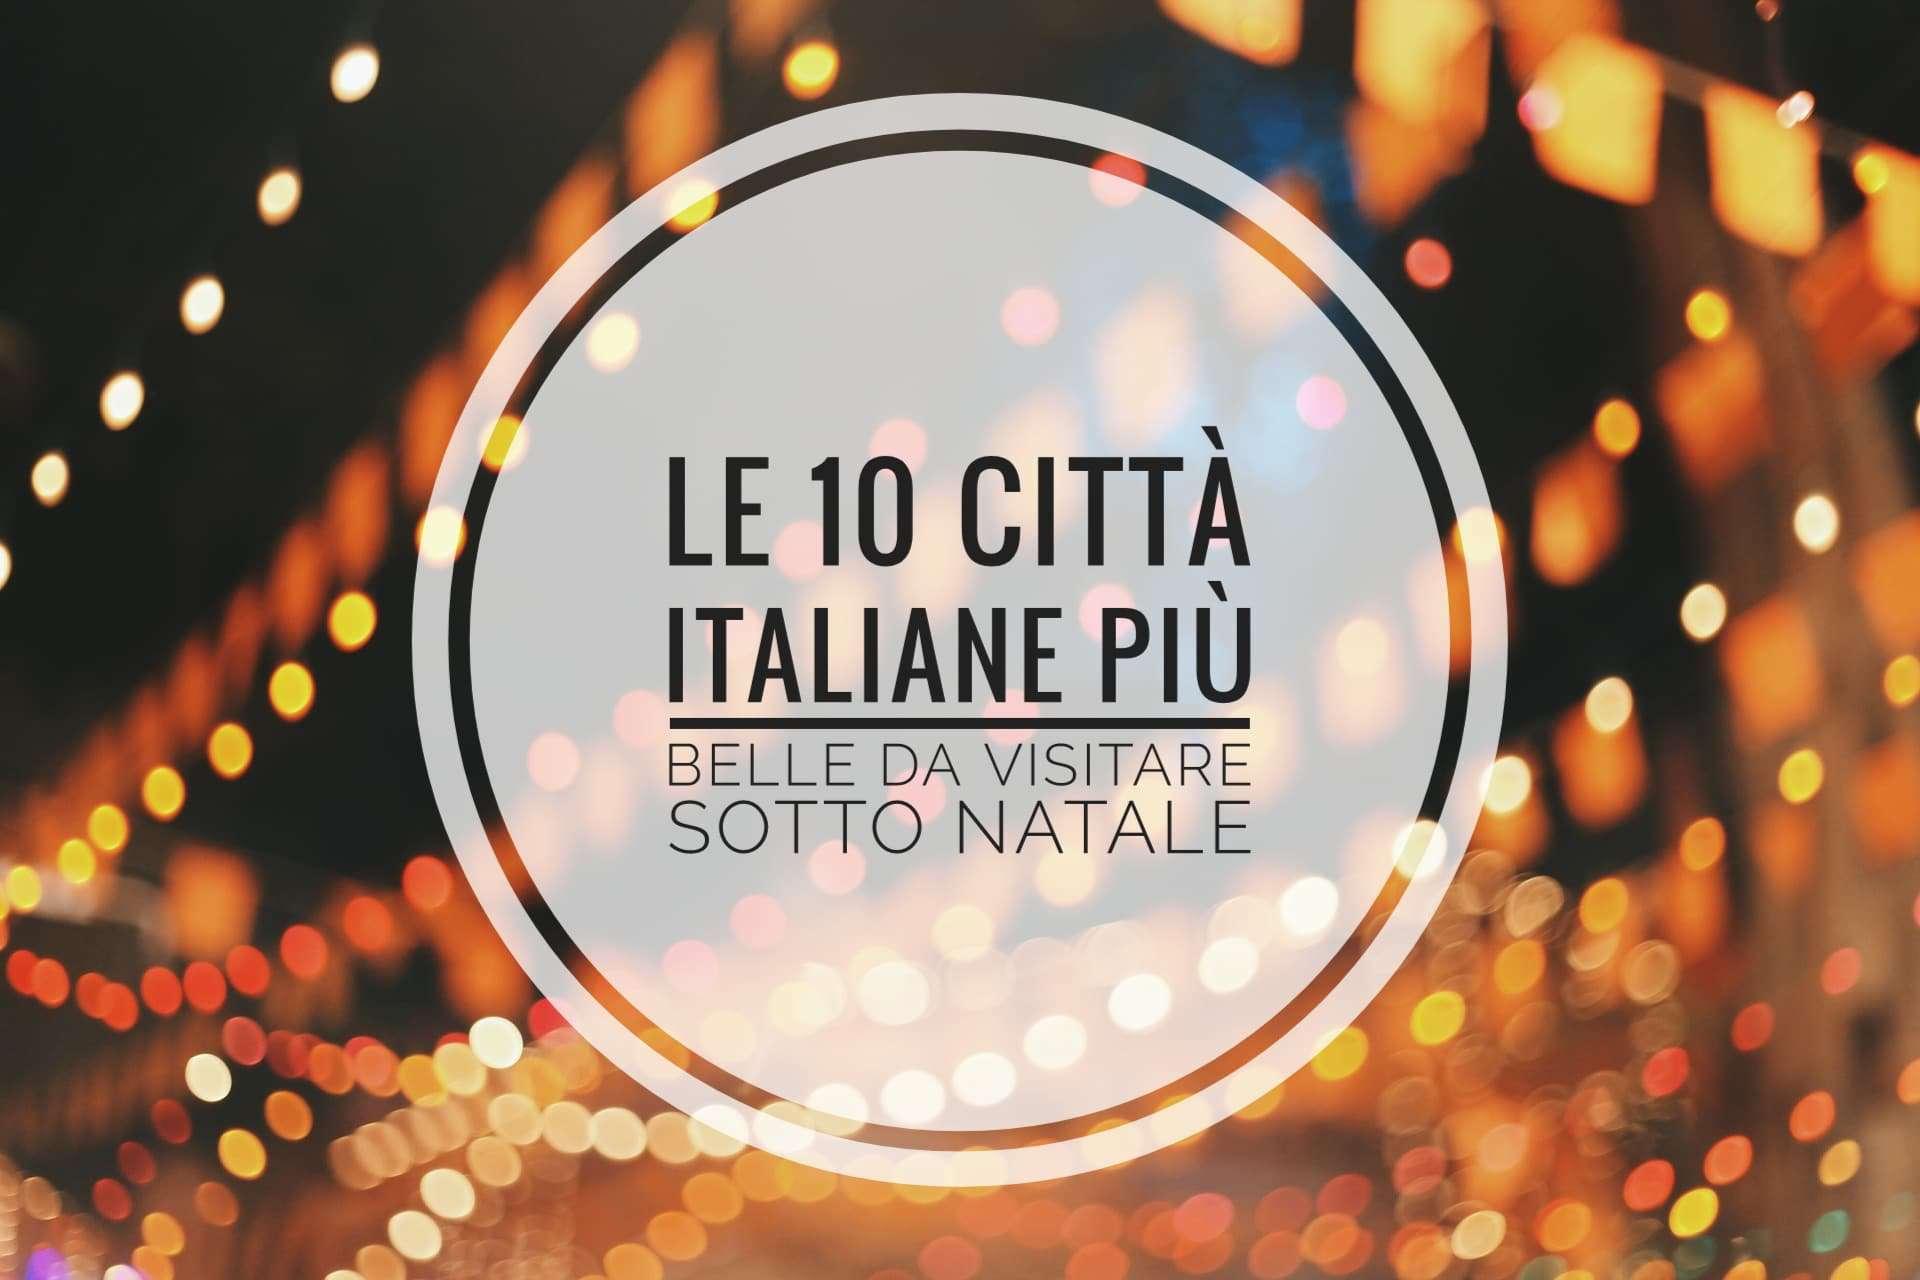 10 città italiane più belle da visitare sotto Natale da nord a sud